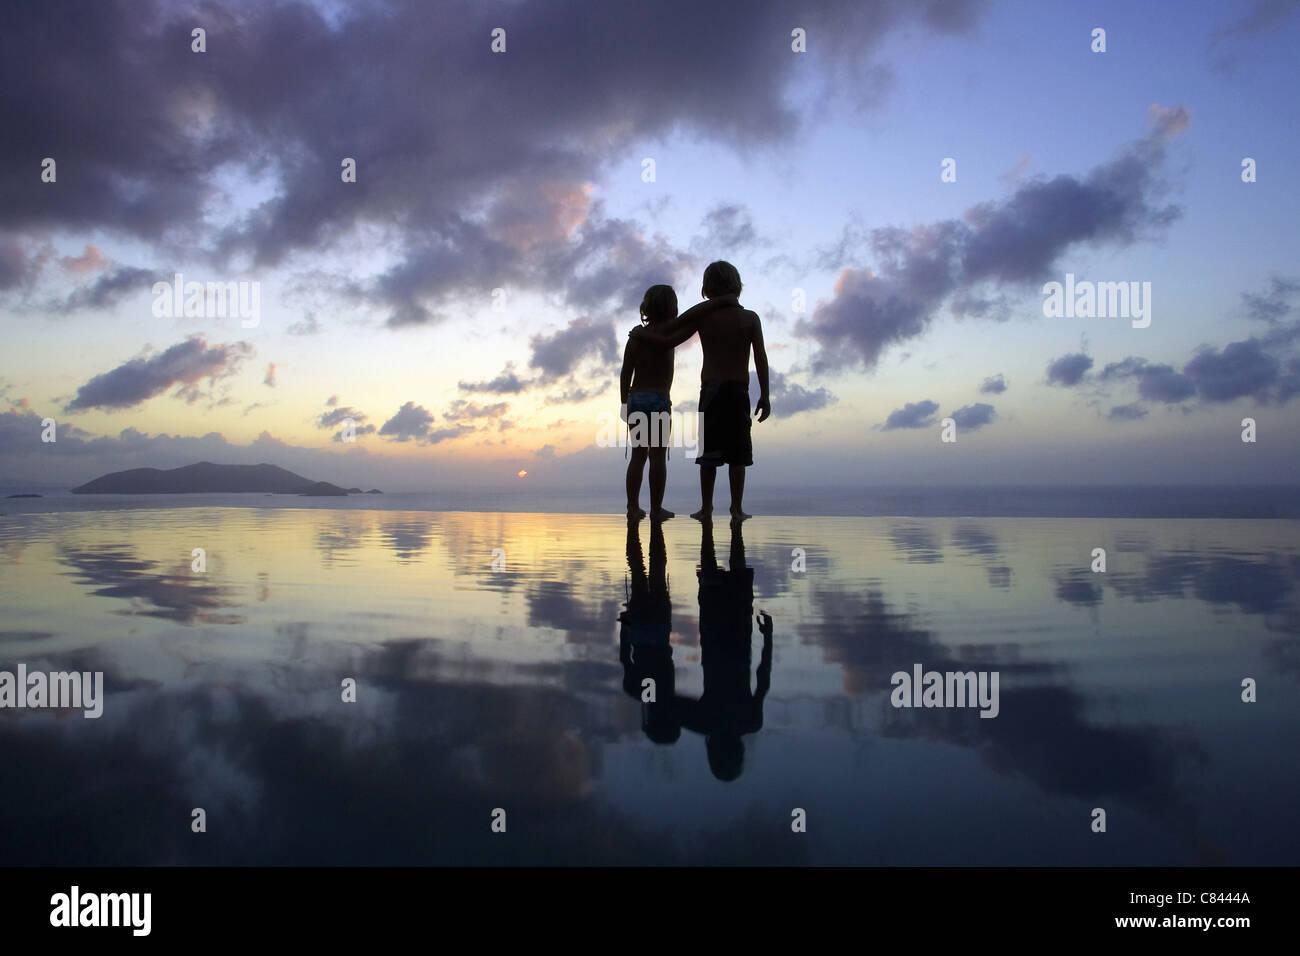 Los niños de pie en la playa en el atardecer. Imagen De Stock